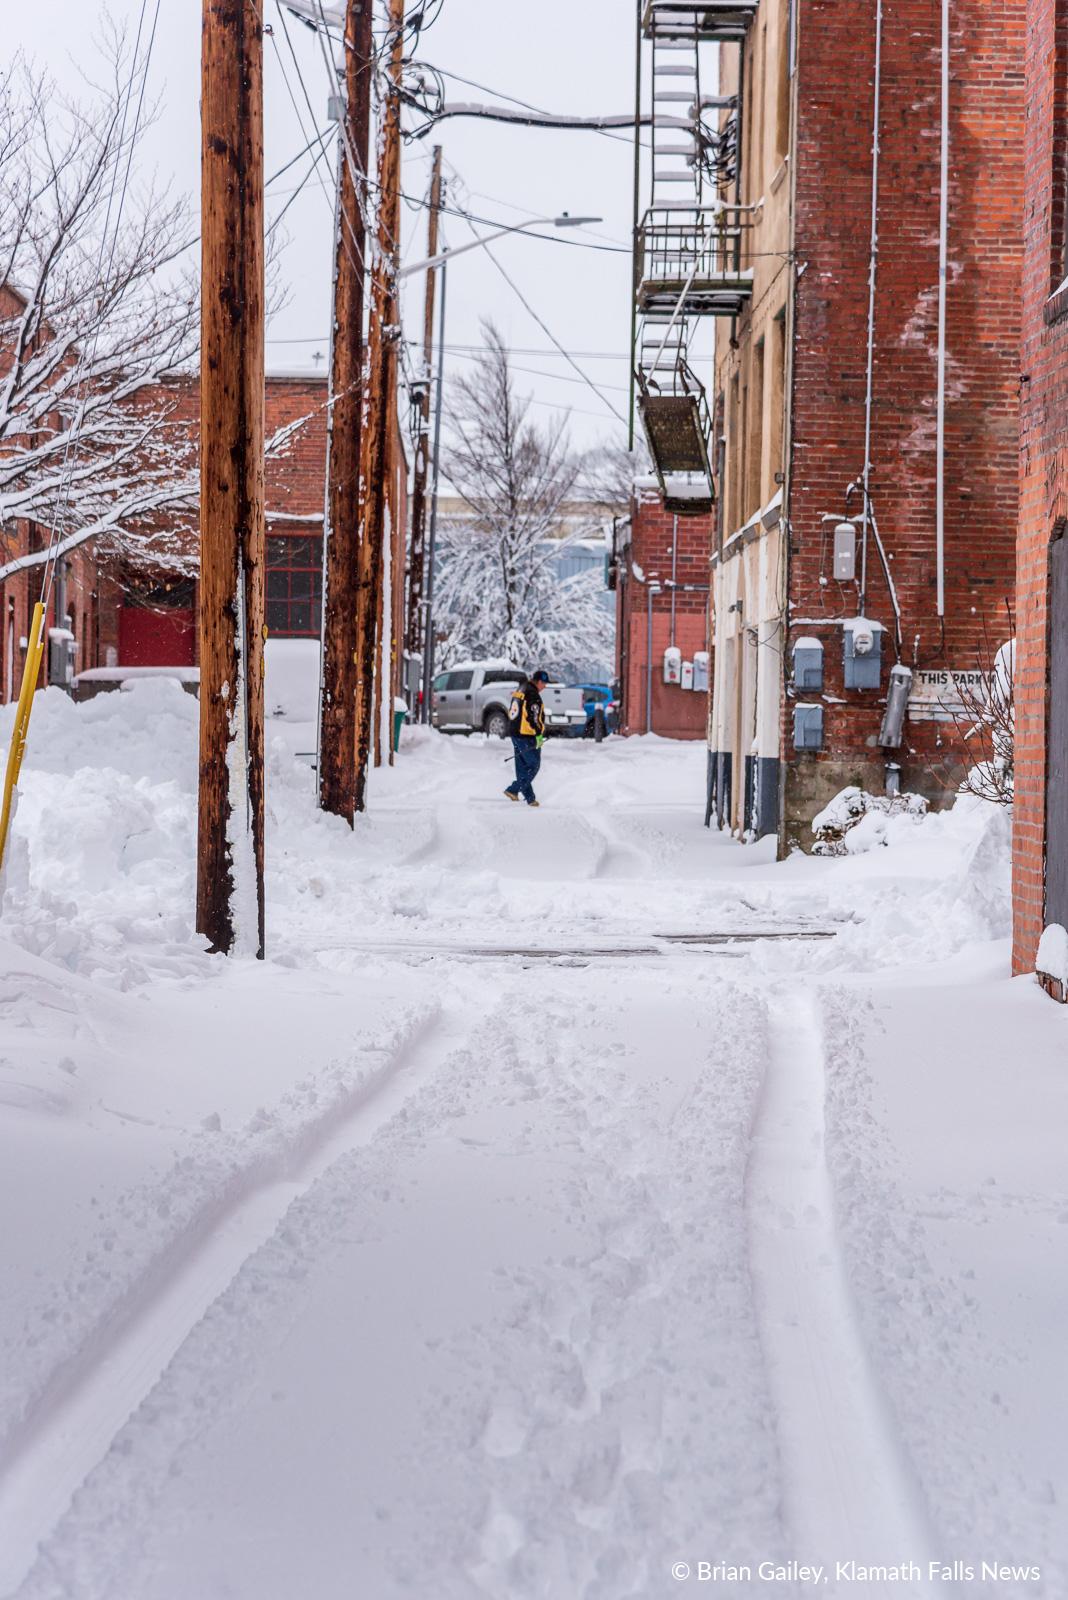 20190213-Snow-KFN-7817.jpg